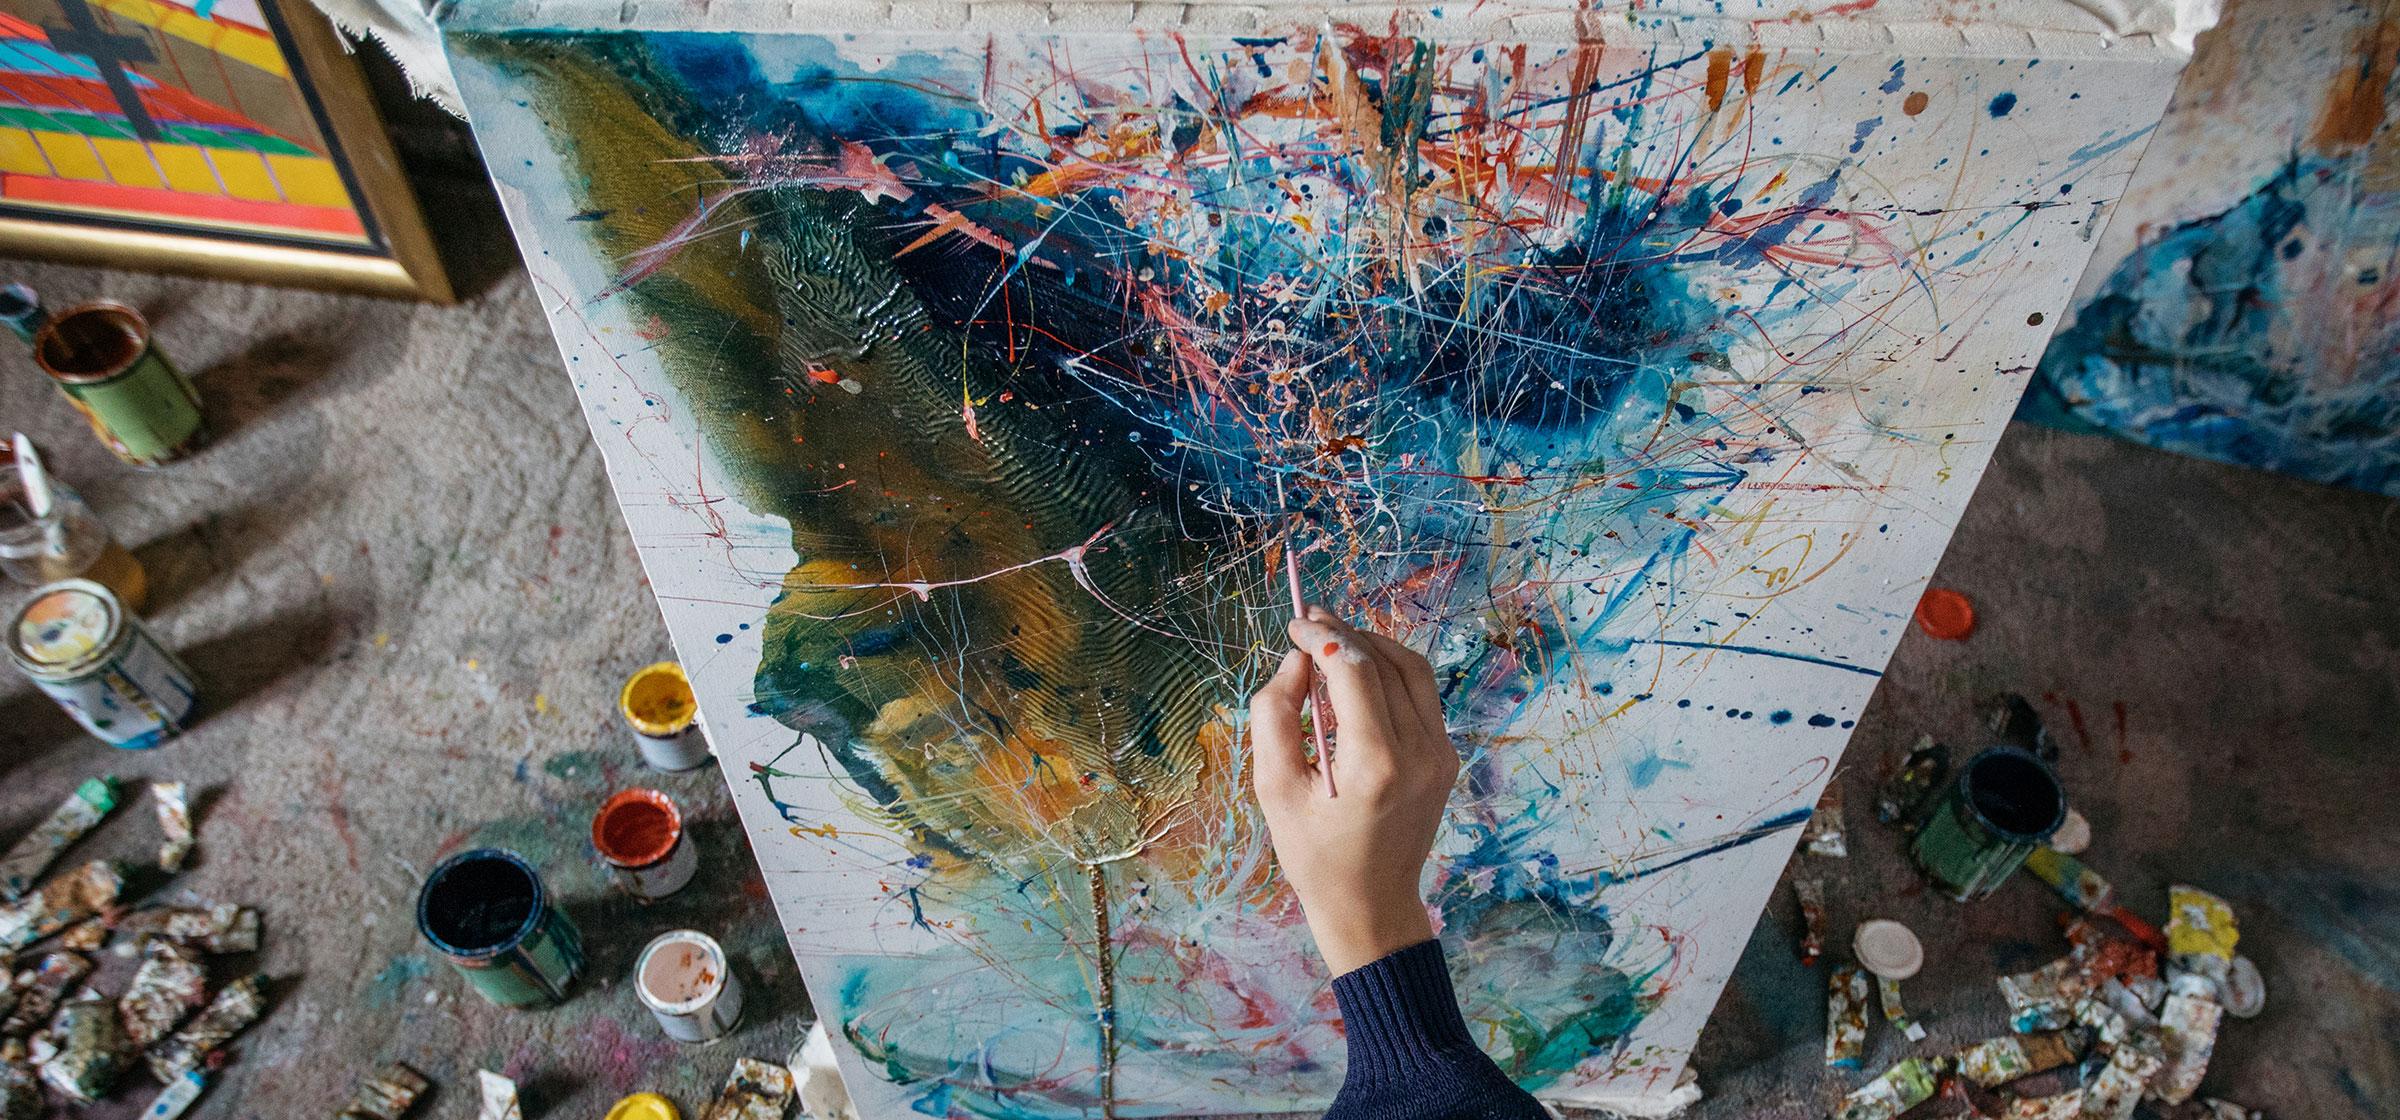 Ascaya-Experiences-Art